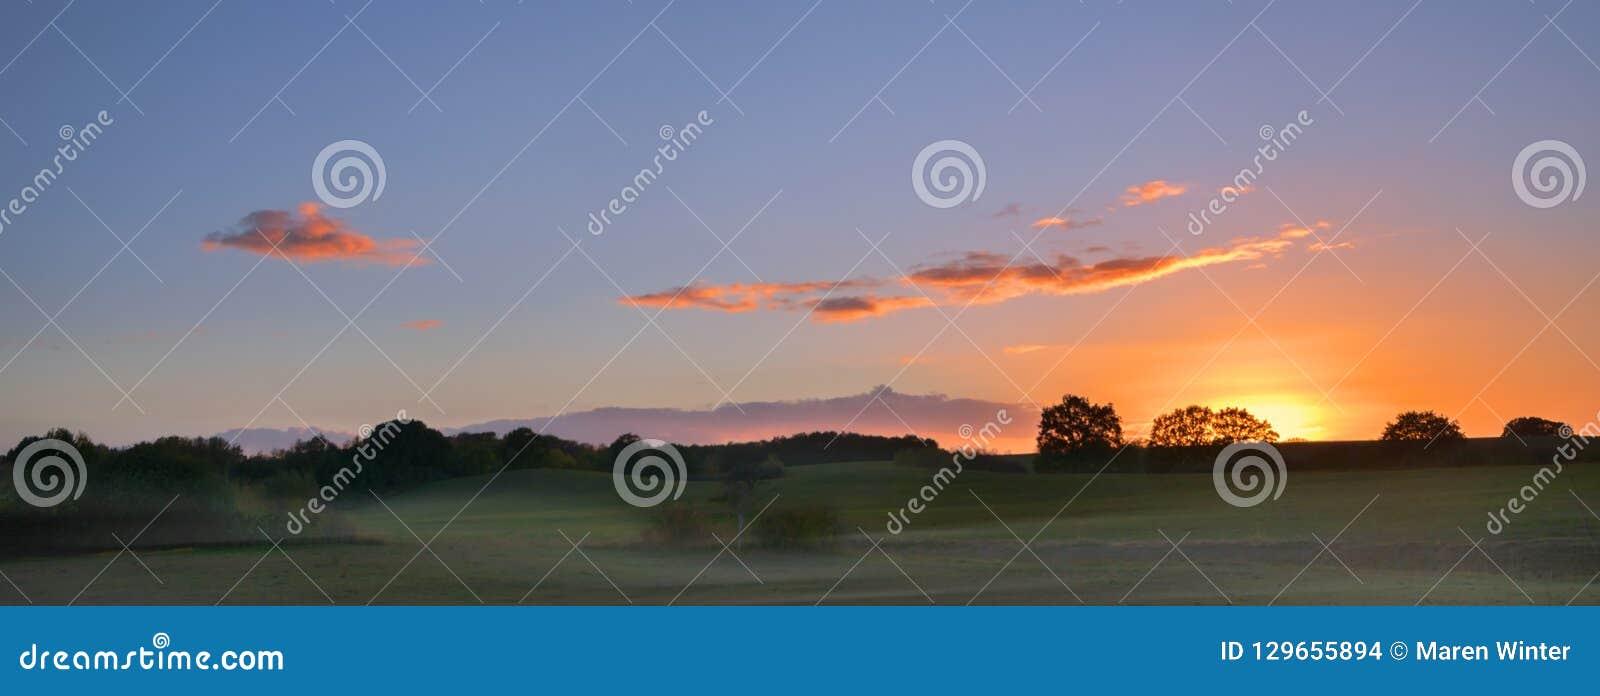 Lever de soleil avec les nuages rougeoyants au-dessus d un paysage rural large avec le montant éligible maximum